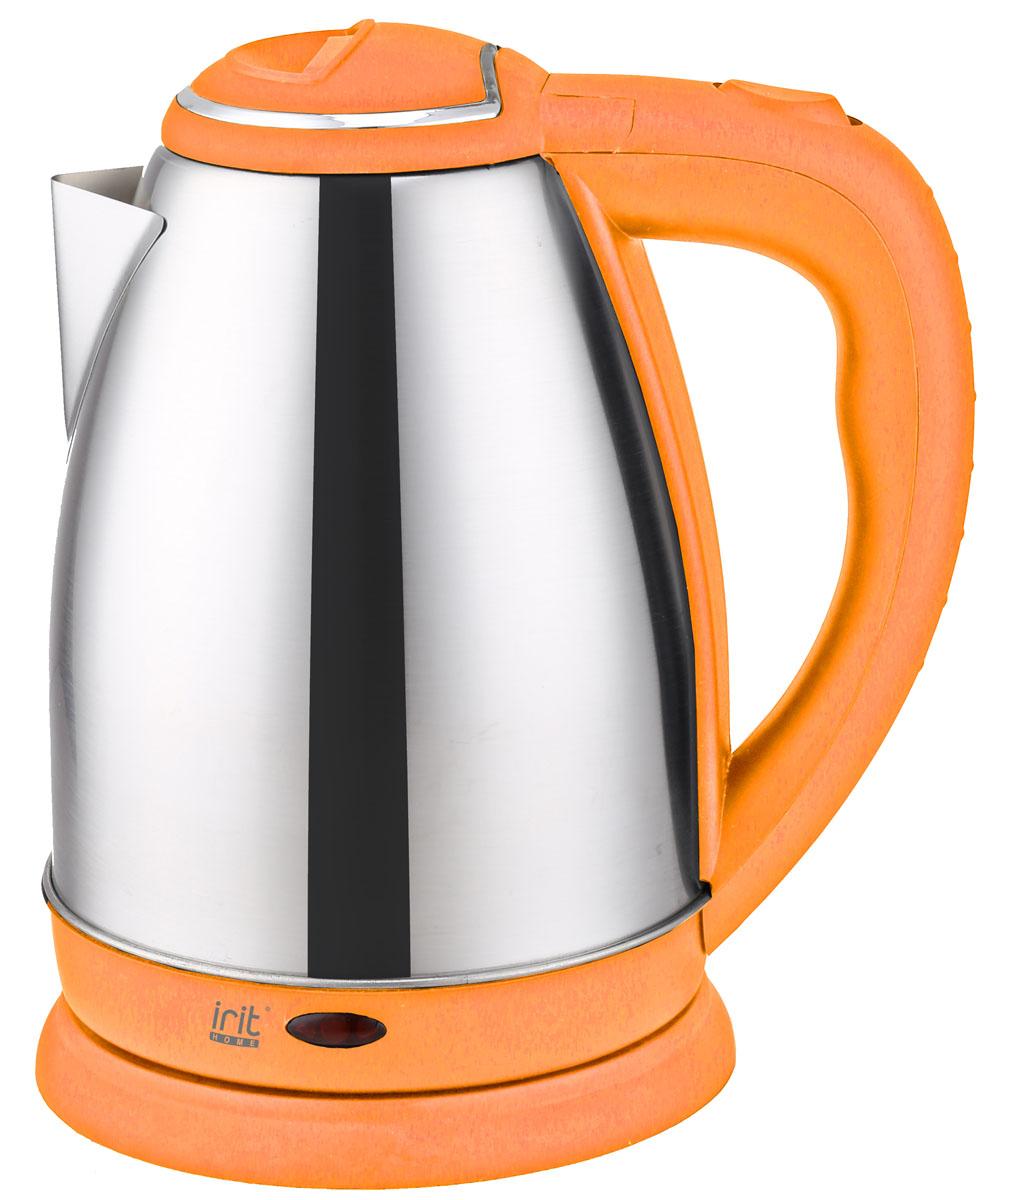 Irit IR-1337, Orange электрический чайникIR-1337_orangeЭлектрочайник Irit IR-1337 имеет корпус из нержавеющей стали. Максимальный объем составляет 1,8 л, а мощность 1500 Вт. Среди особенностей данной модели можно выделить закрытый нагревательный элемент, отсек для сетевого шнура, индикацию включения, вращение корпуса на 360 градусов и автоматическое отключение при недостаточном количестве воды.